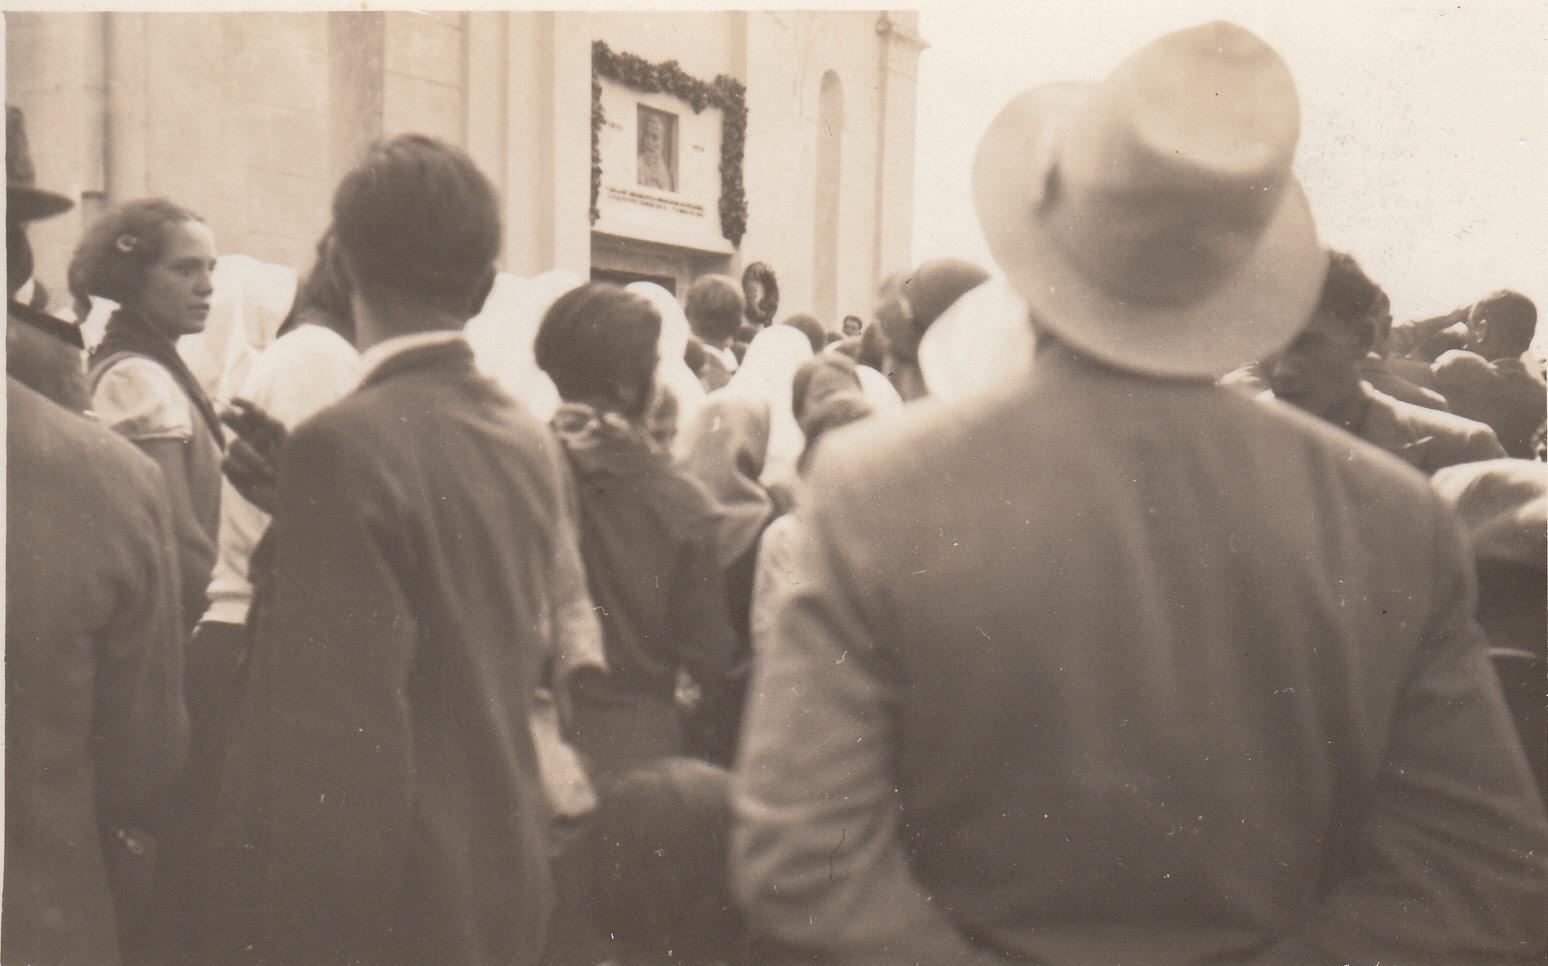 Nikad objavljene fotografije iz Radatovića svjedoče o vjeri žumberačkog naroda